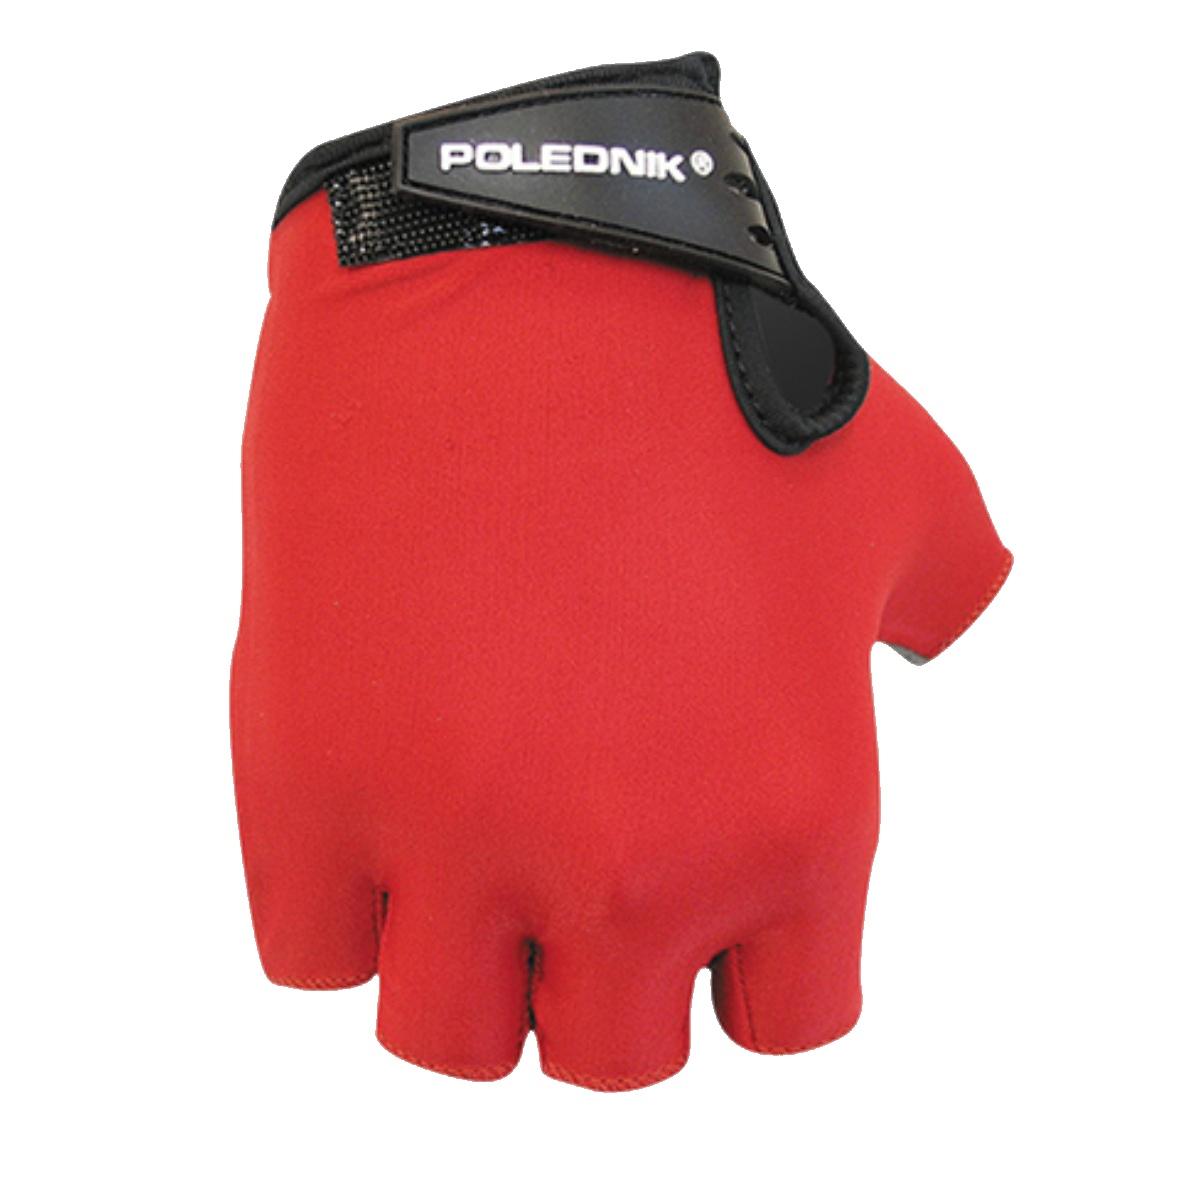 Cyklo rukavice POLEDNIK Basic dětské vel. 4 - červené